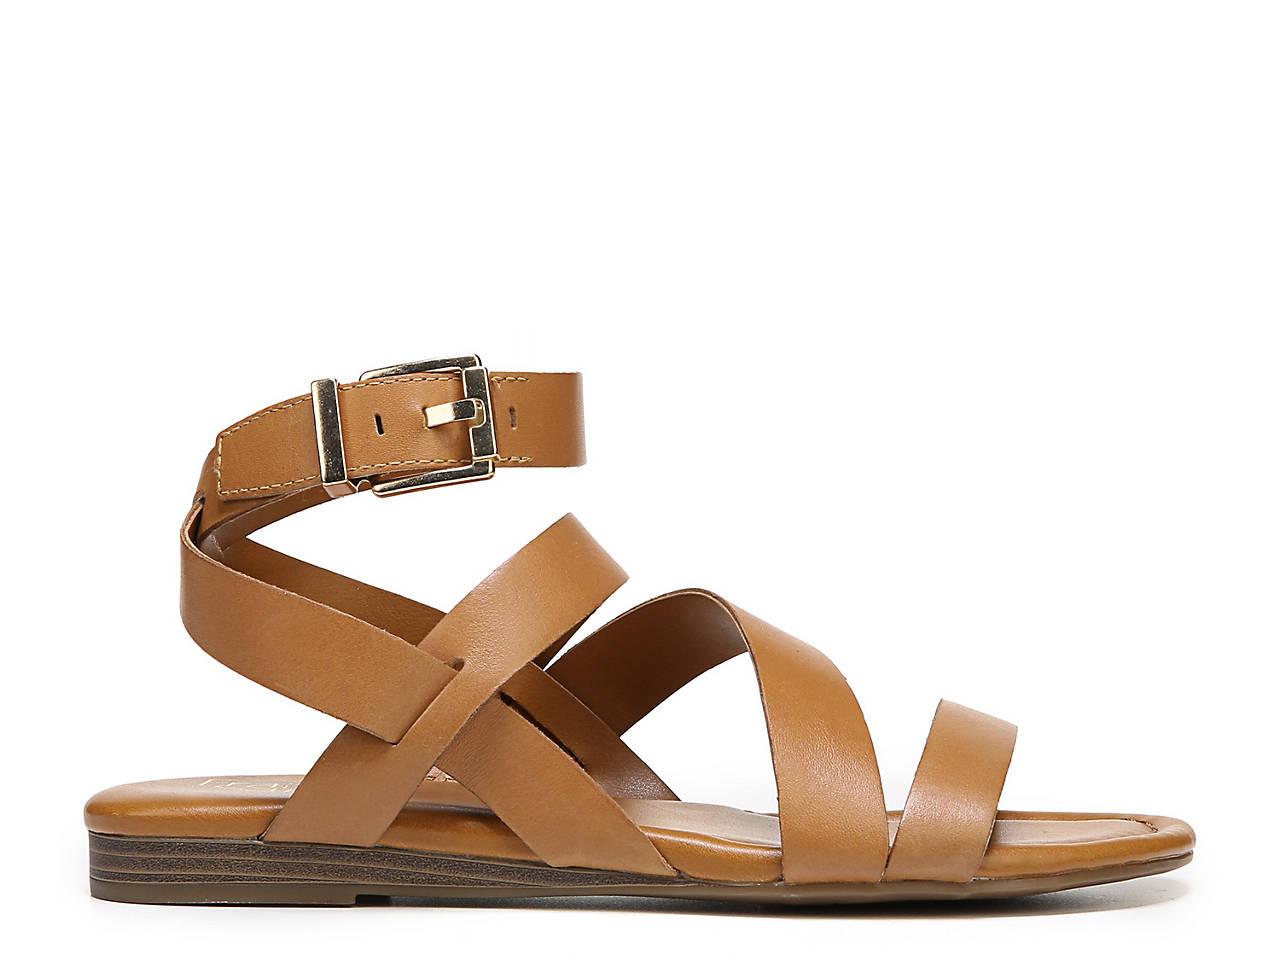 355de80c8505 Franco Sarto Gauge Flat Sandal Women s Shoes